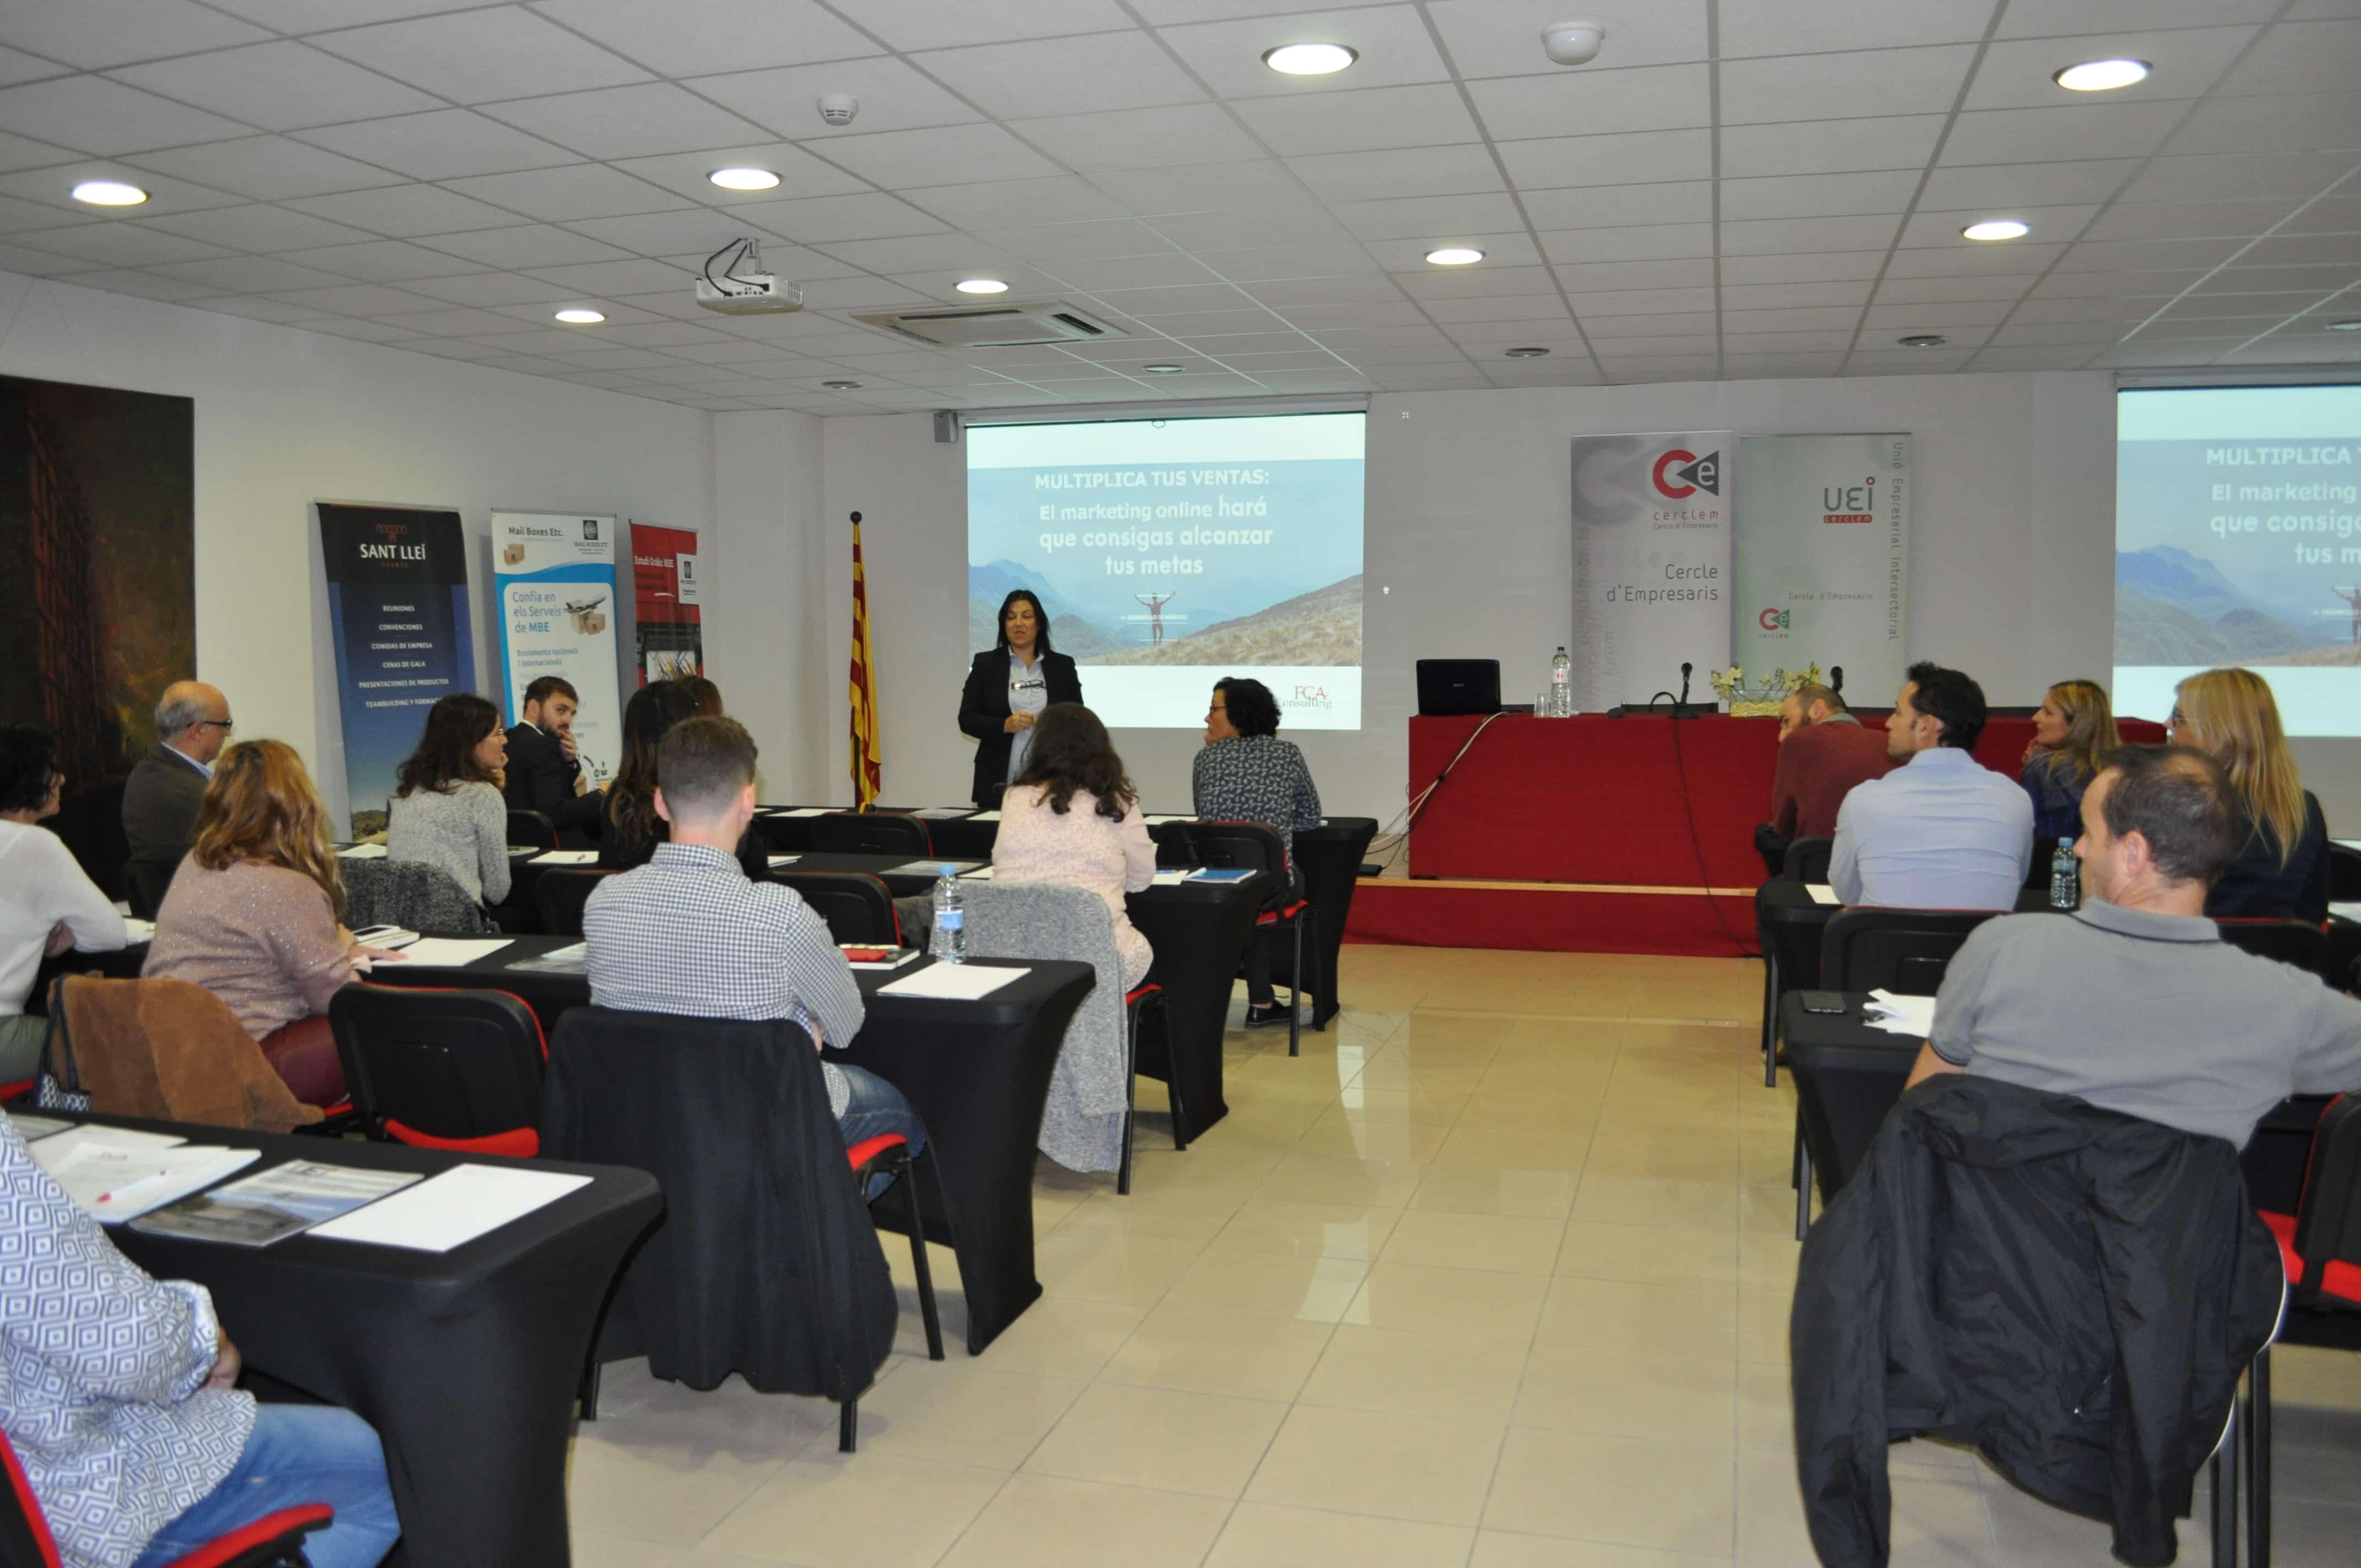 conferencia multiplica tus ventas con el marketing online.2